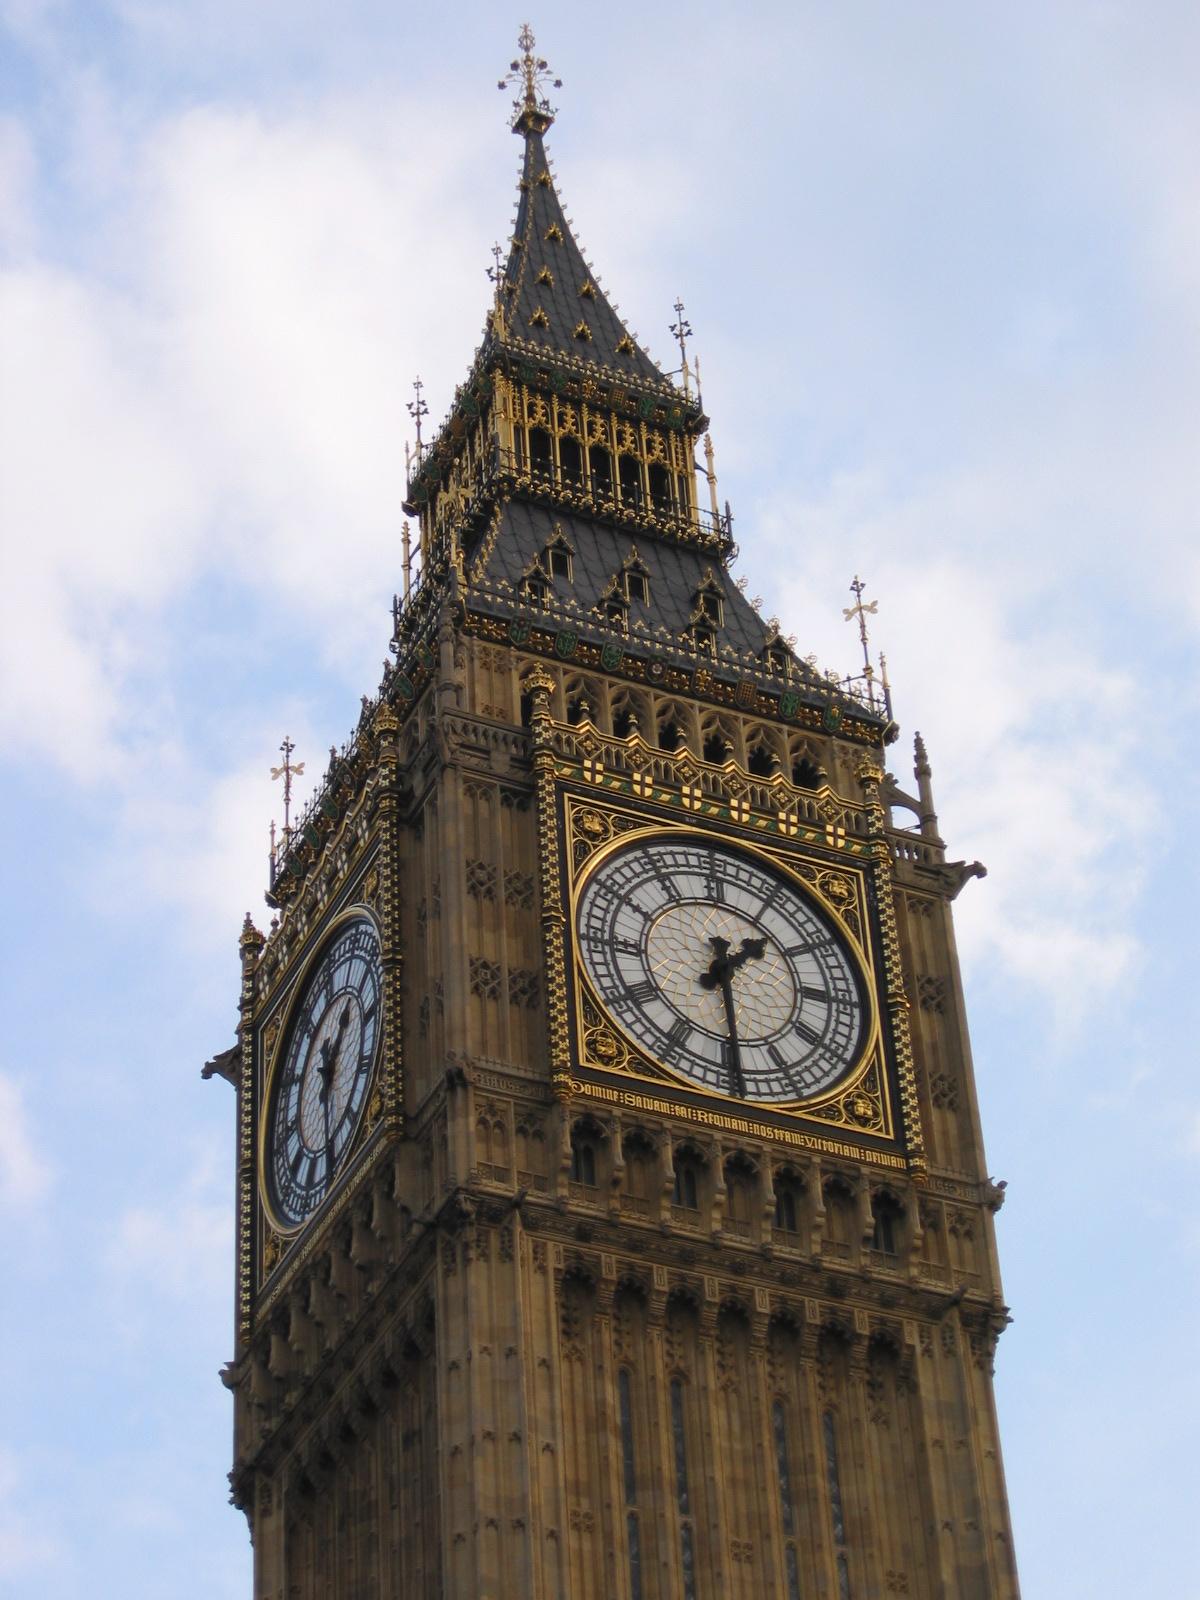 File:London clocktower November 2003 IMG 2079.JPG